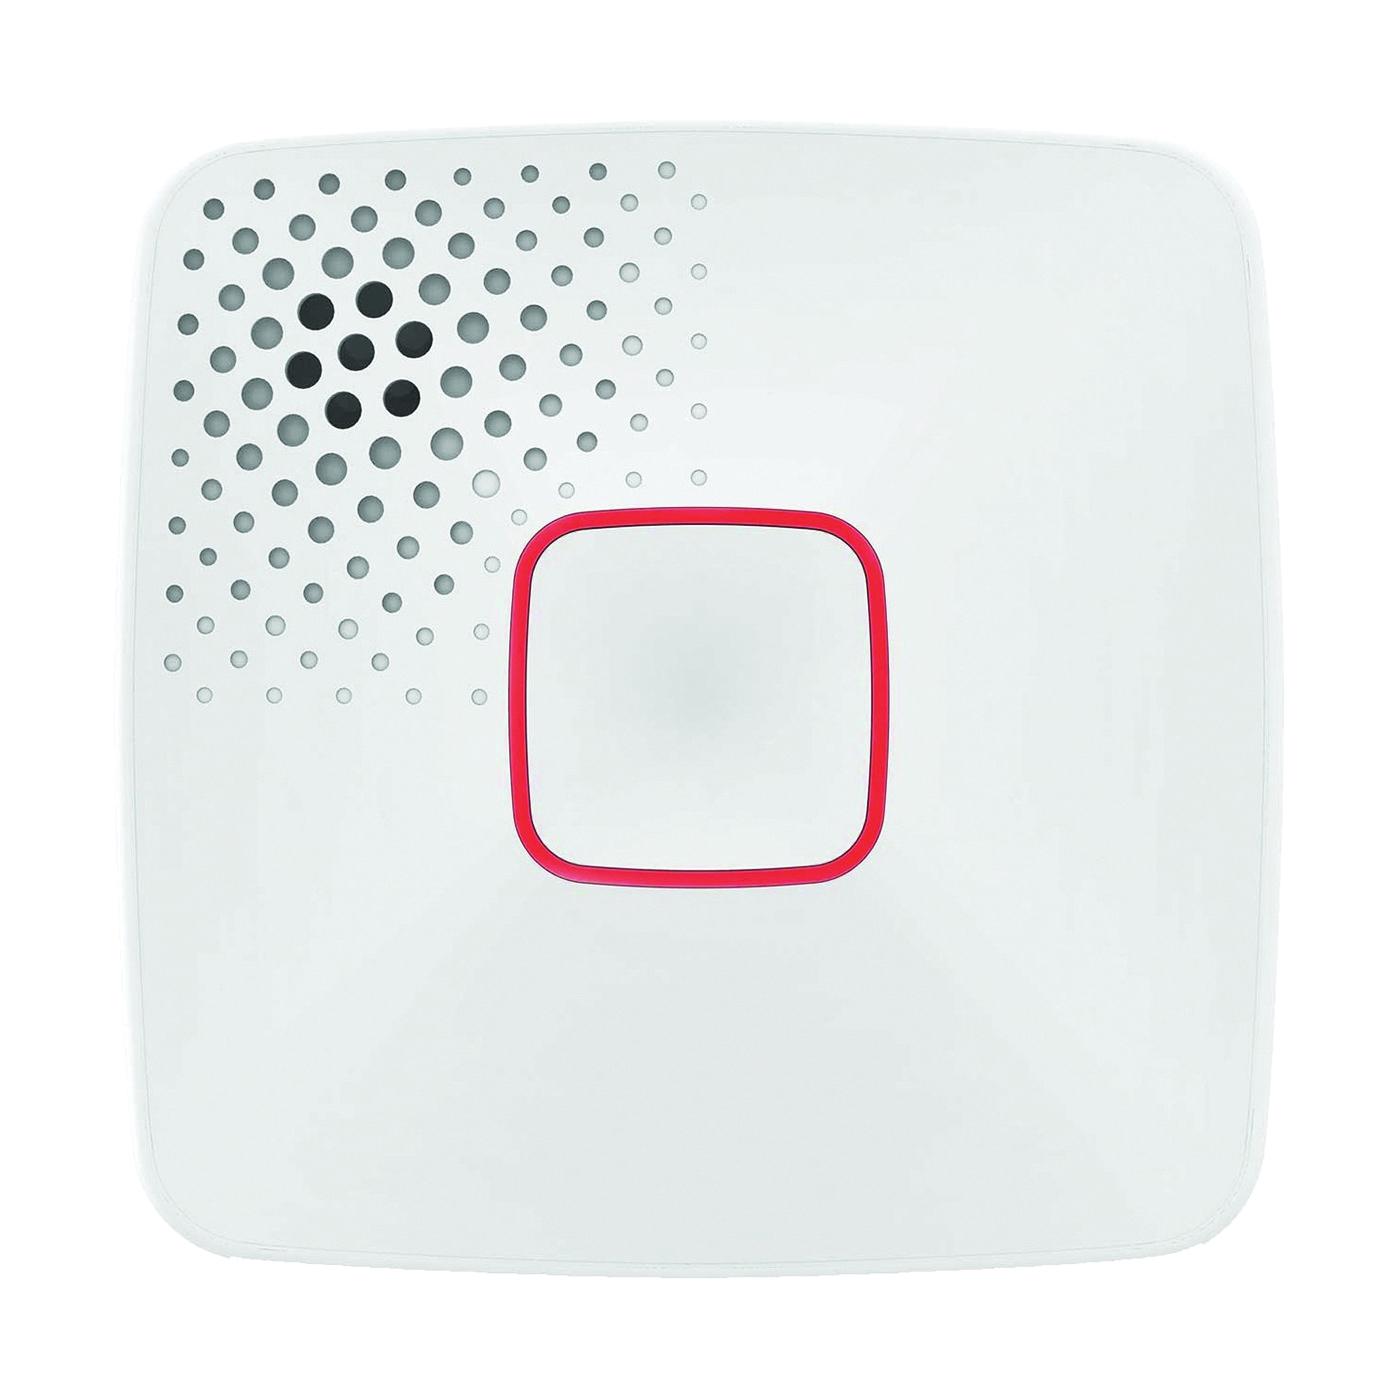 Picture of FIRST ALERT AC10-500 Carbon Monoxide Alarm, Alarm: Audible, Electrochemical, Photoelectric Sensor